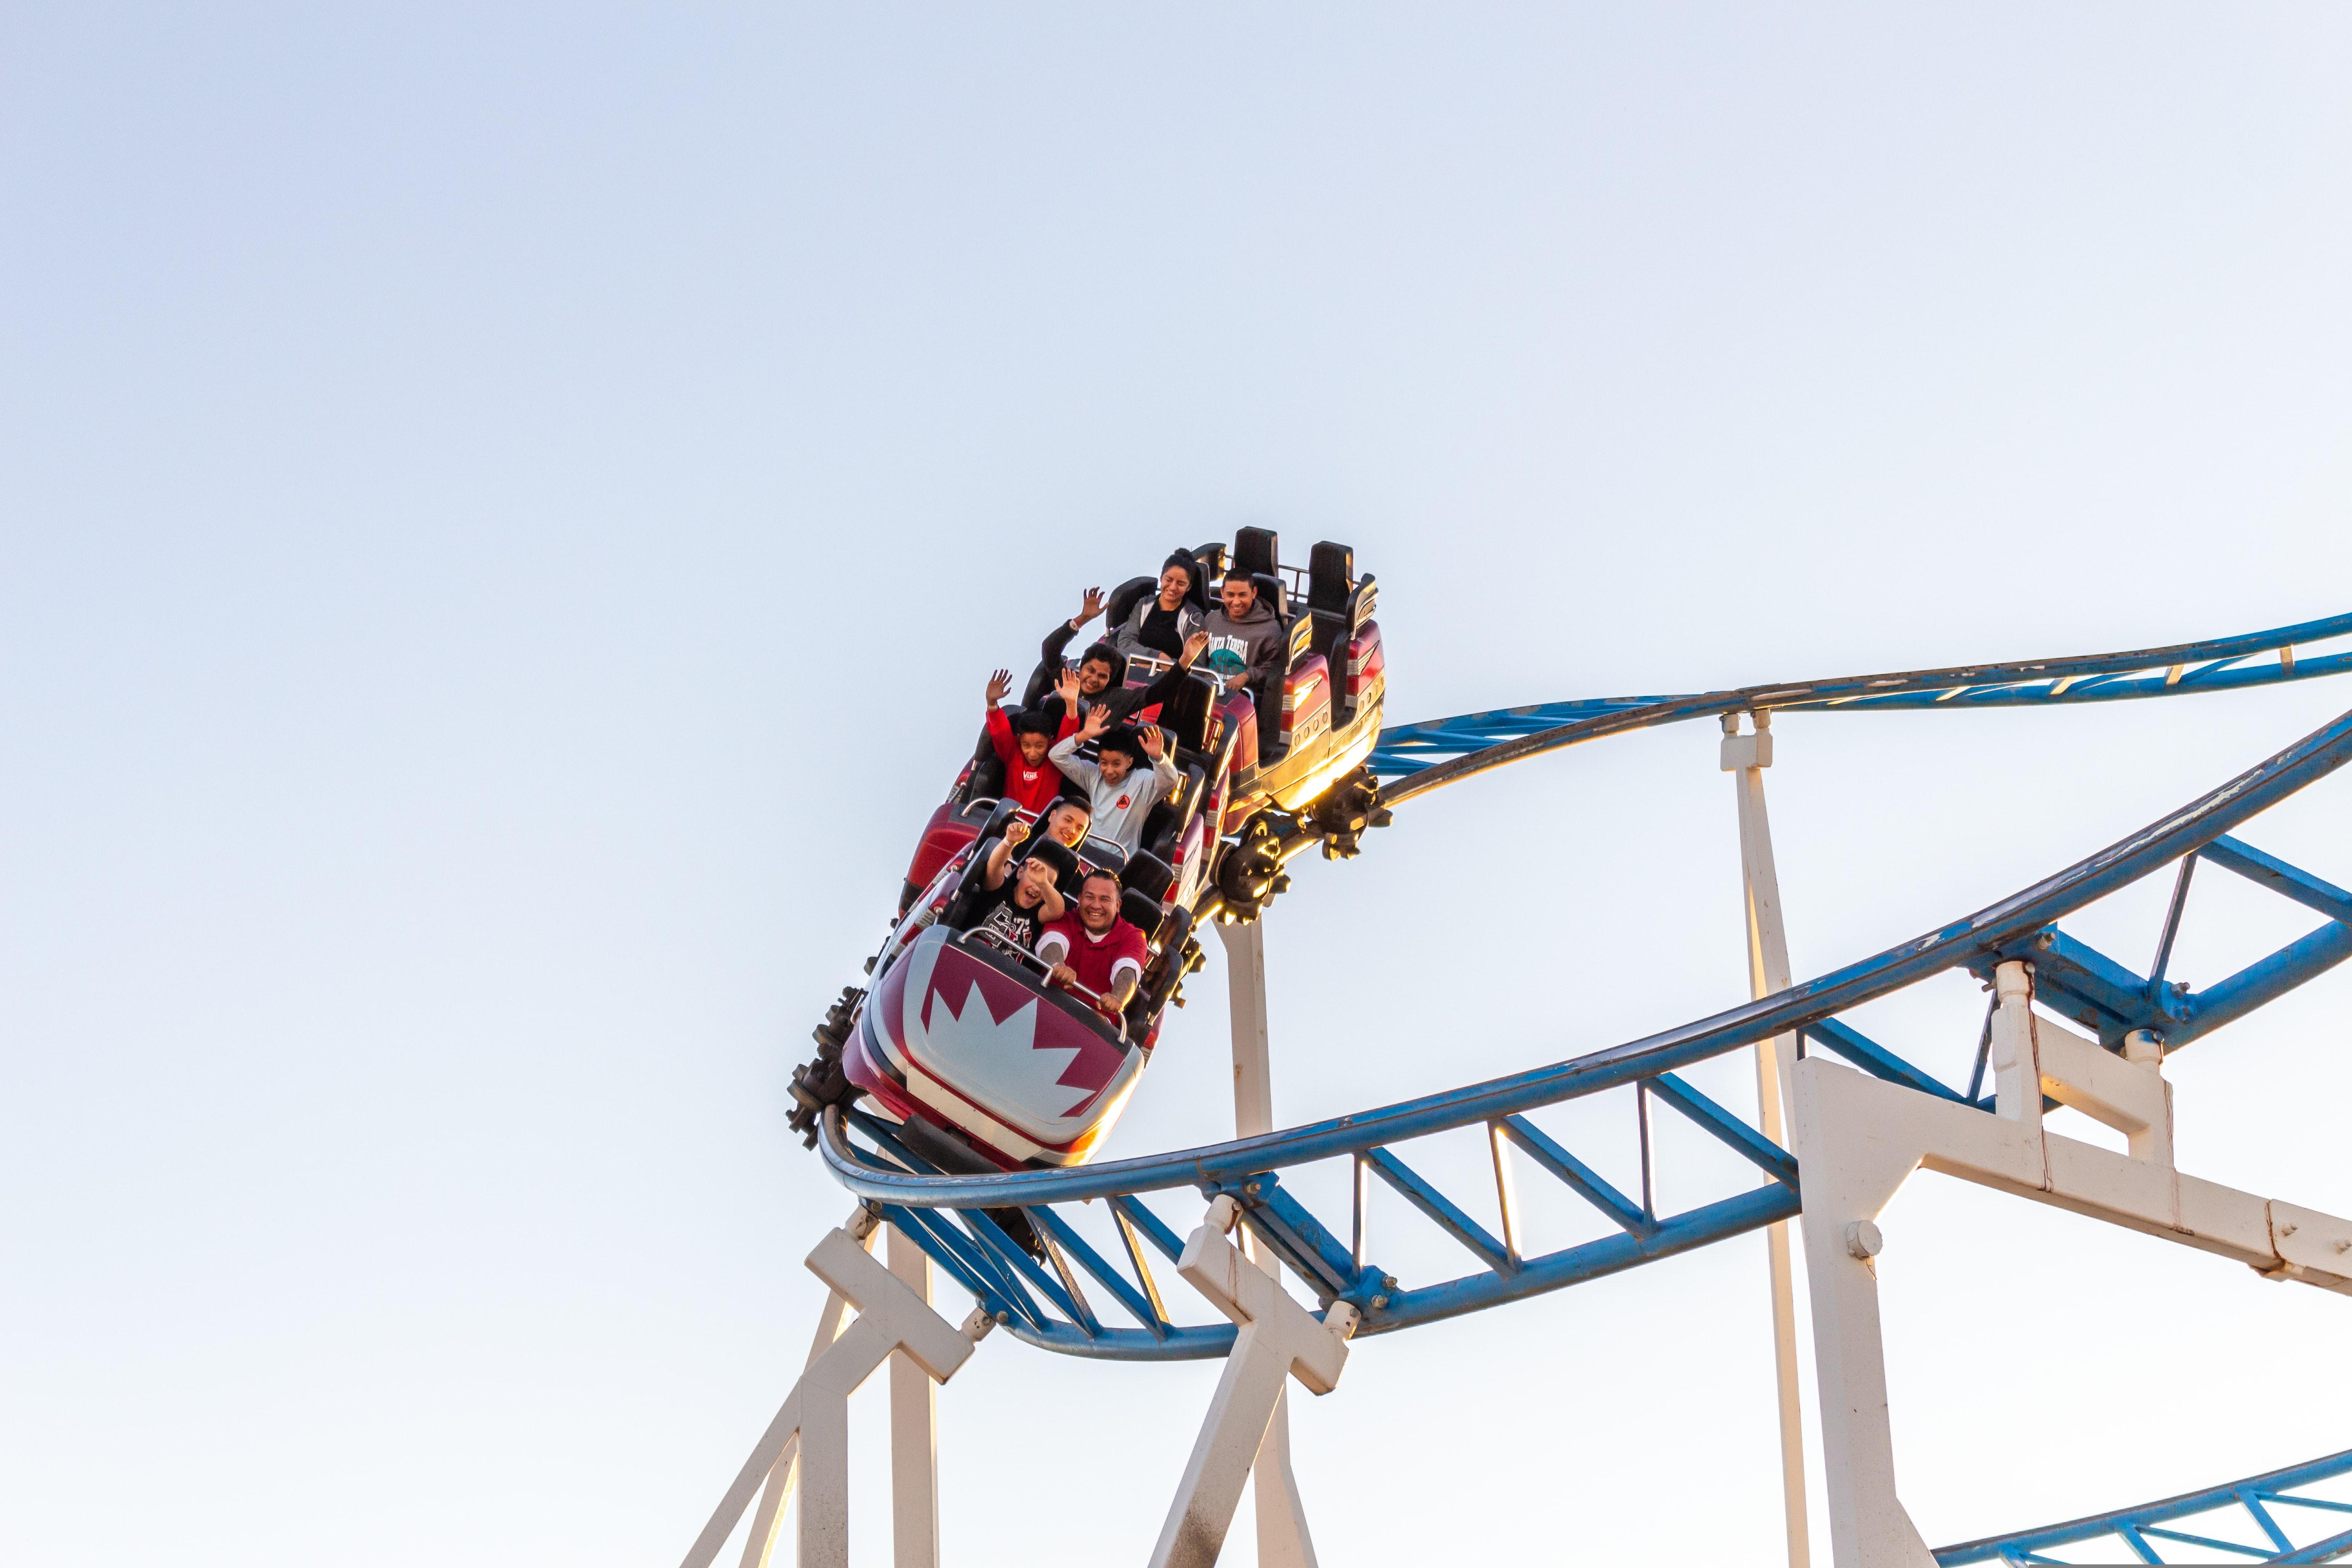 Teenagers having fun on roller coaster